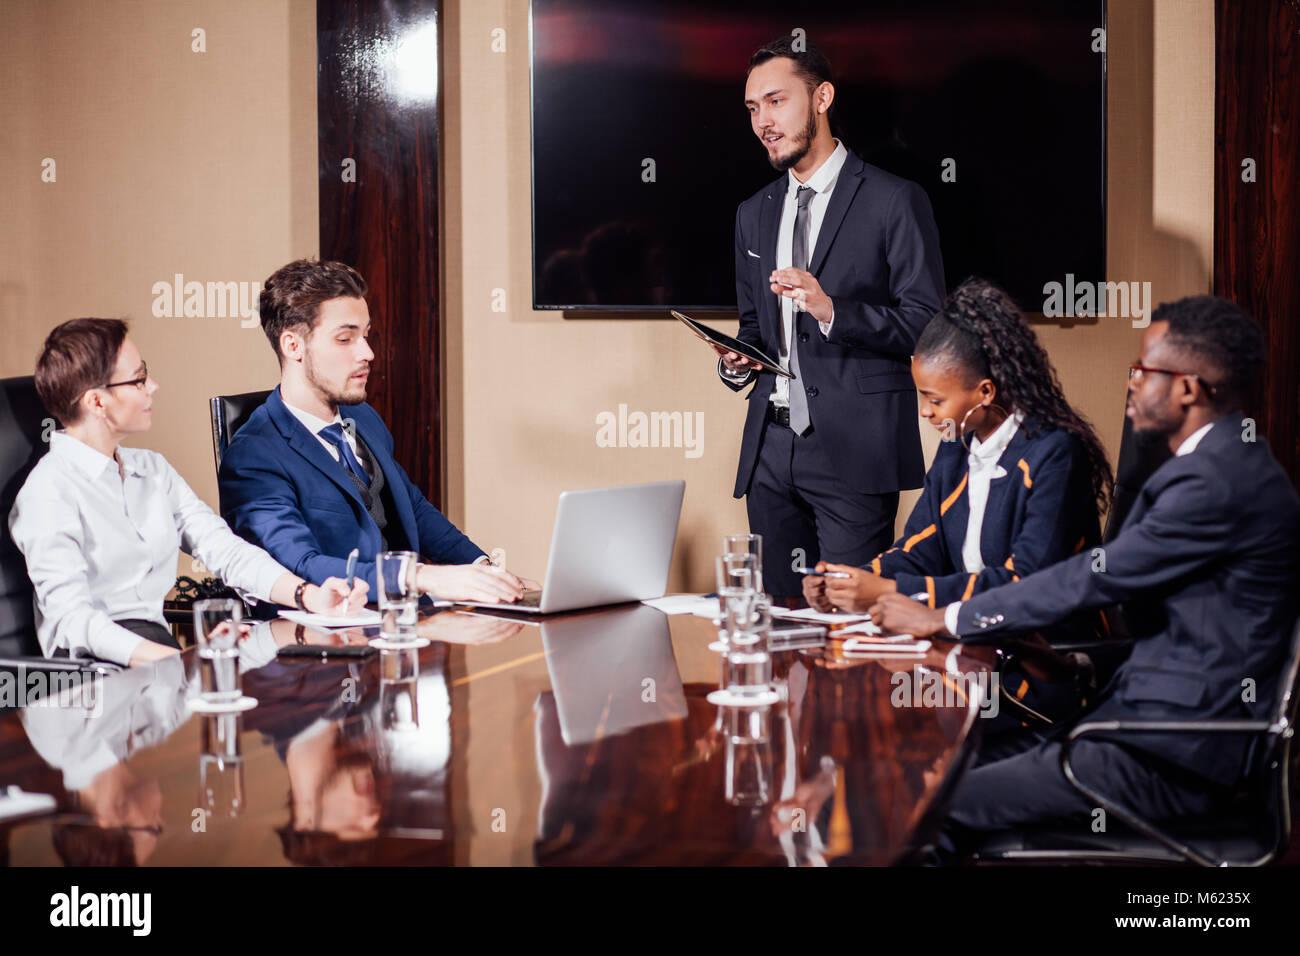 Imprenditore presentando ai colleghi in occasione di una riunione Immagini Stock